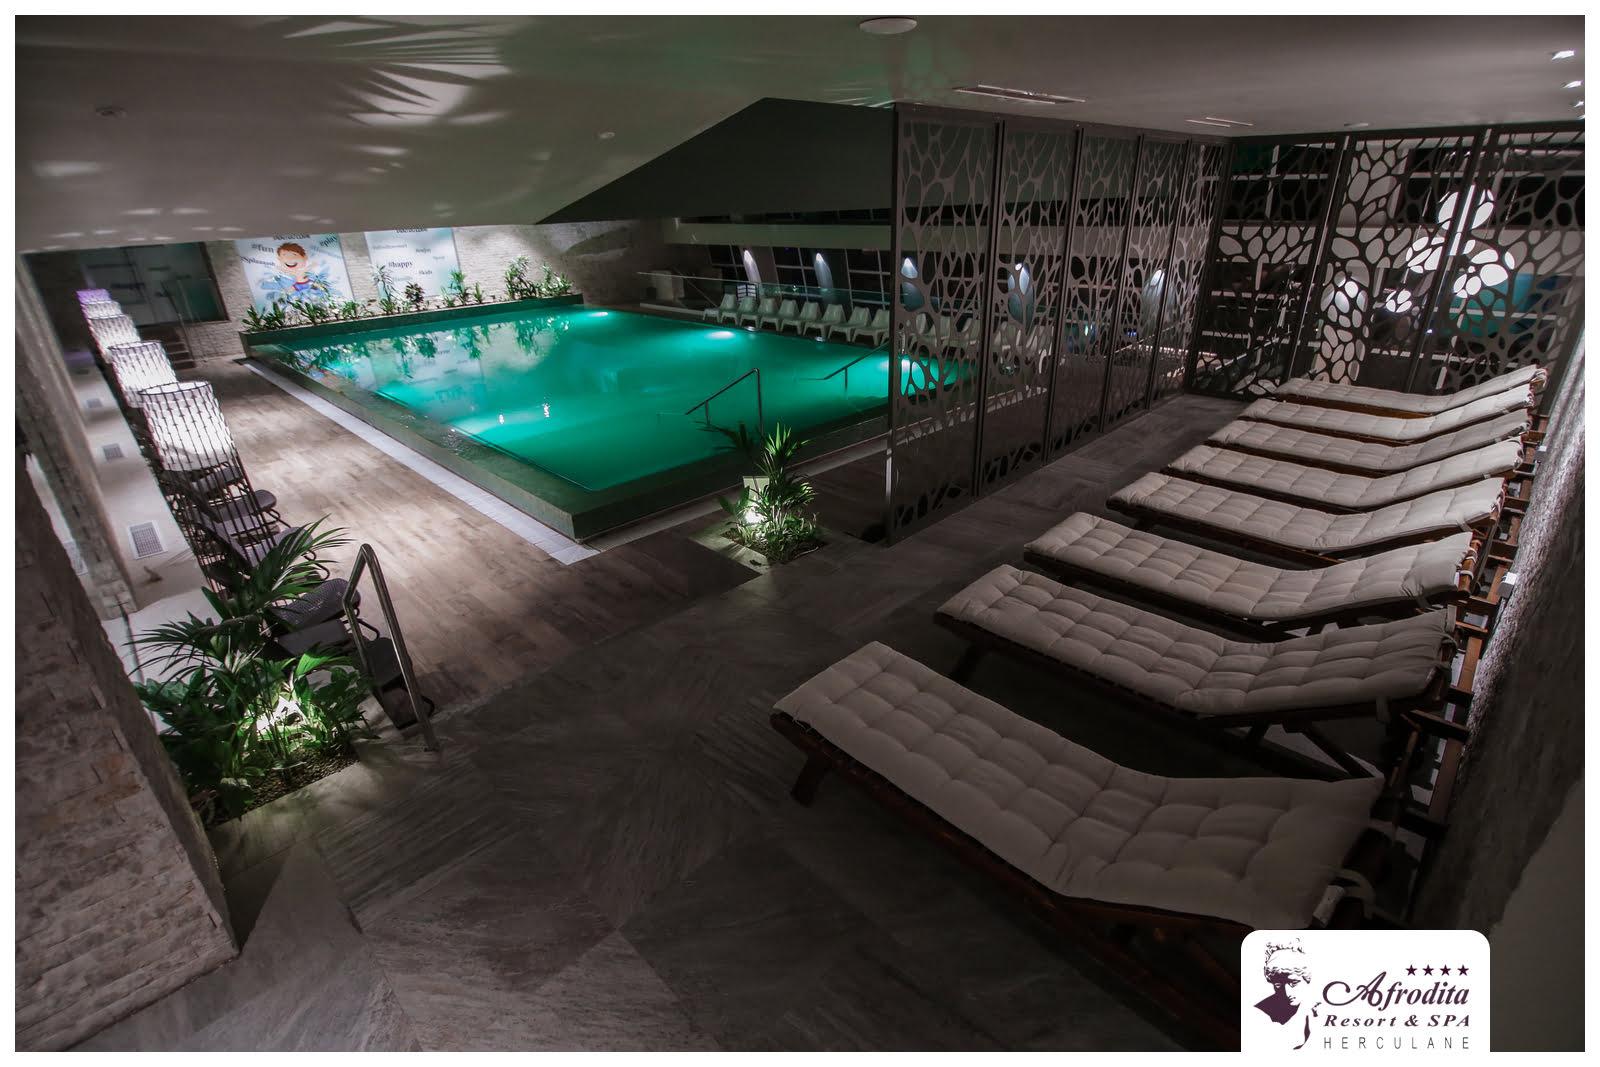 Herculum Spa - puterea apelor termale de la Afrodita Resort & SPA